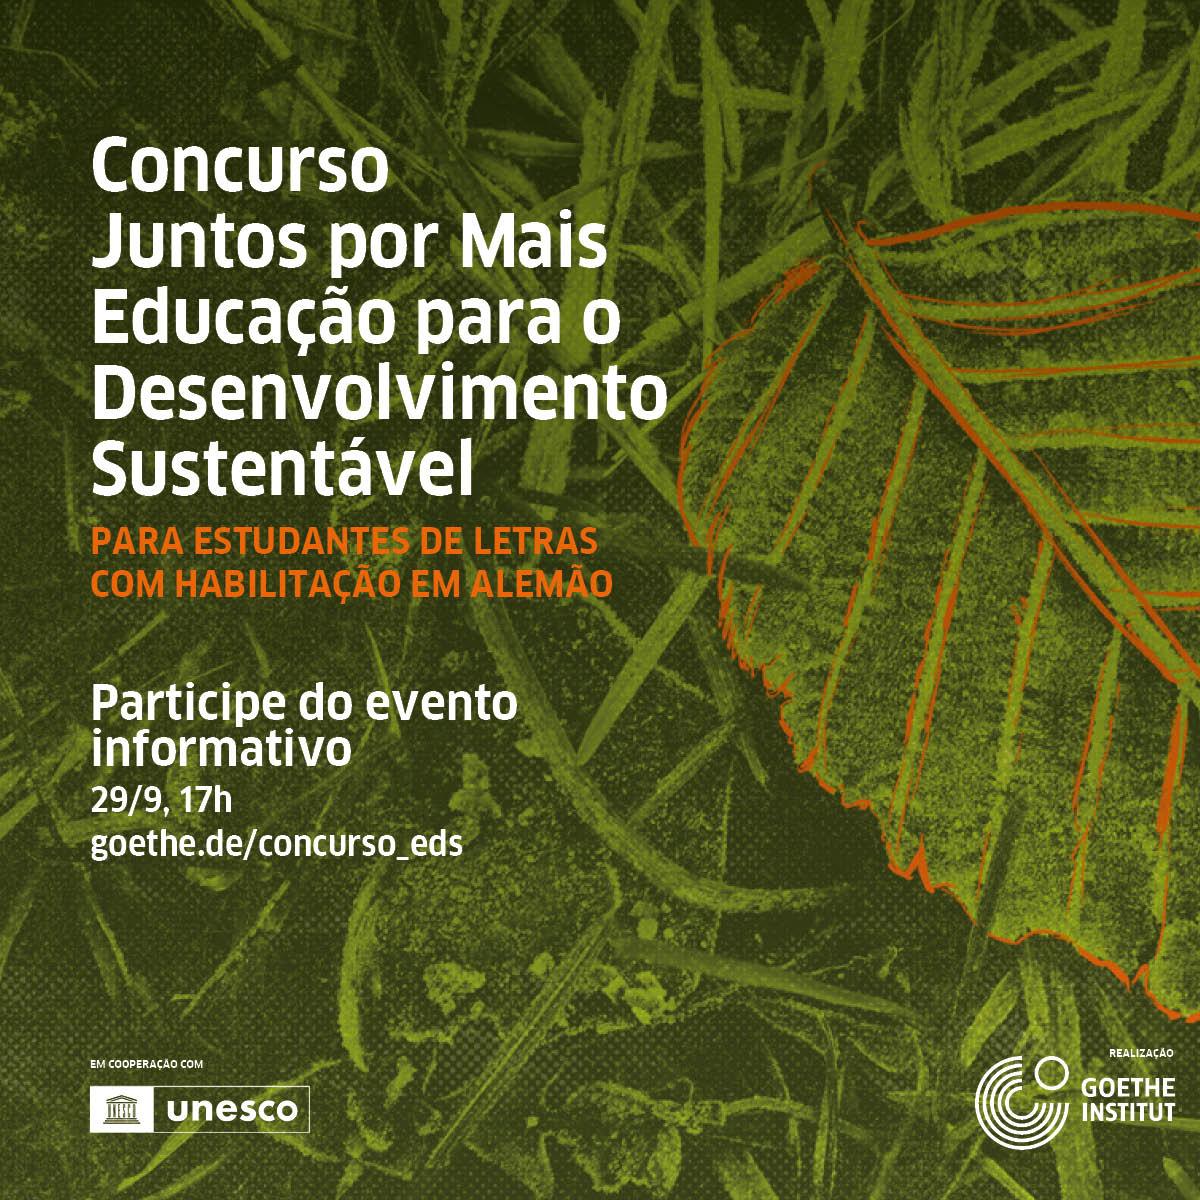 Concurso Juntos por Mais Educação para o Desenvolvimnto Sustentável